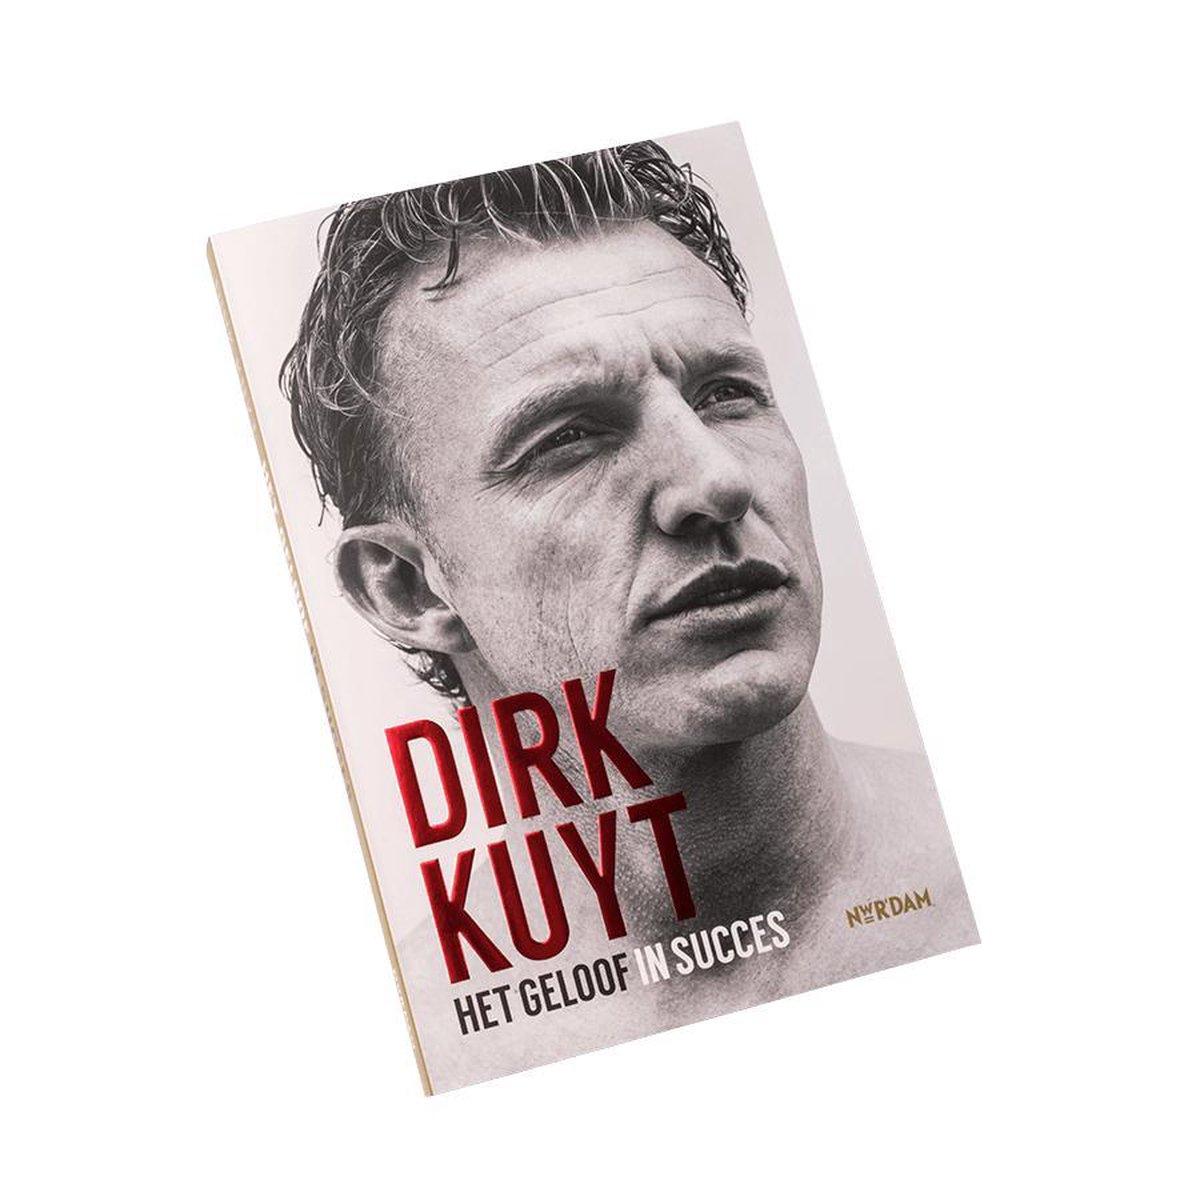 Dirk Kuyt - Jaap de Groot